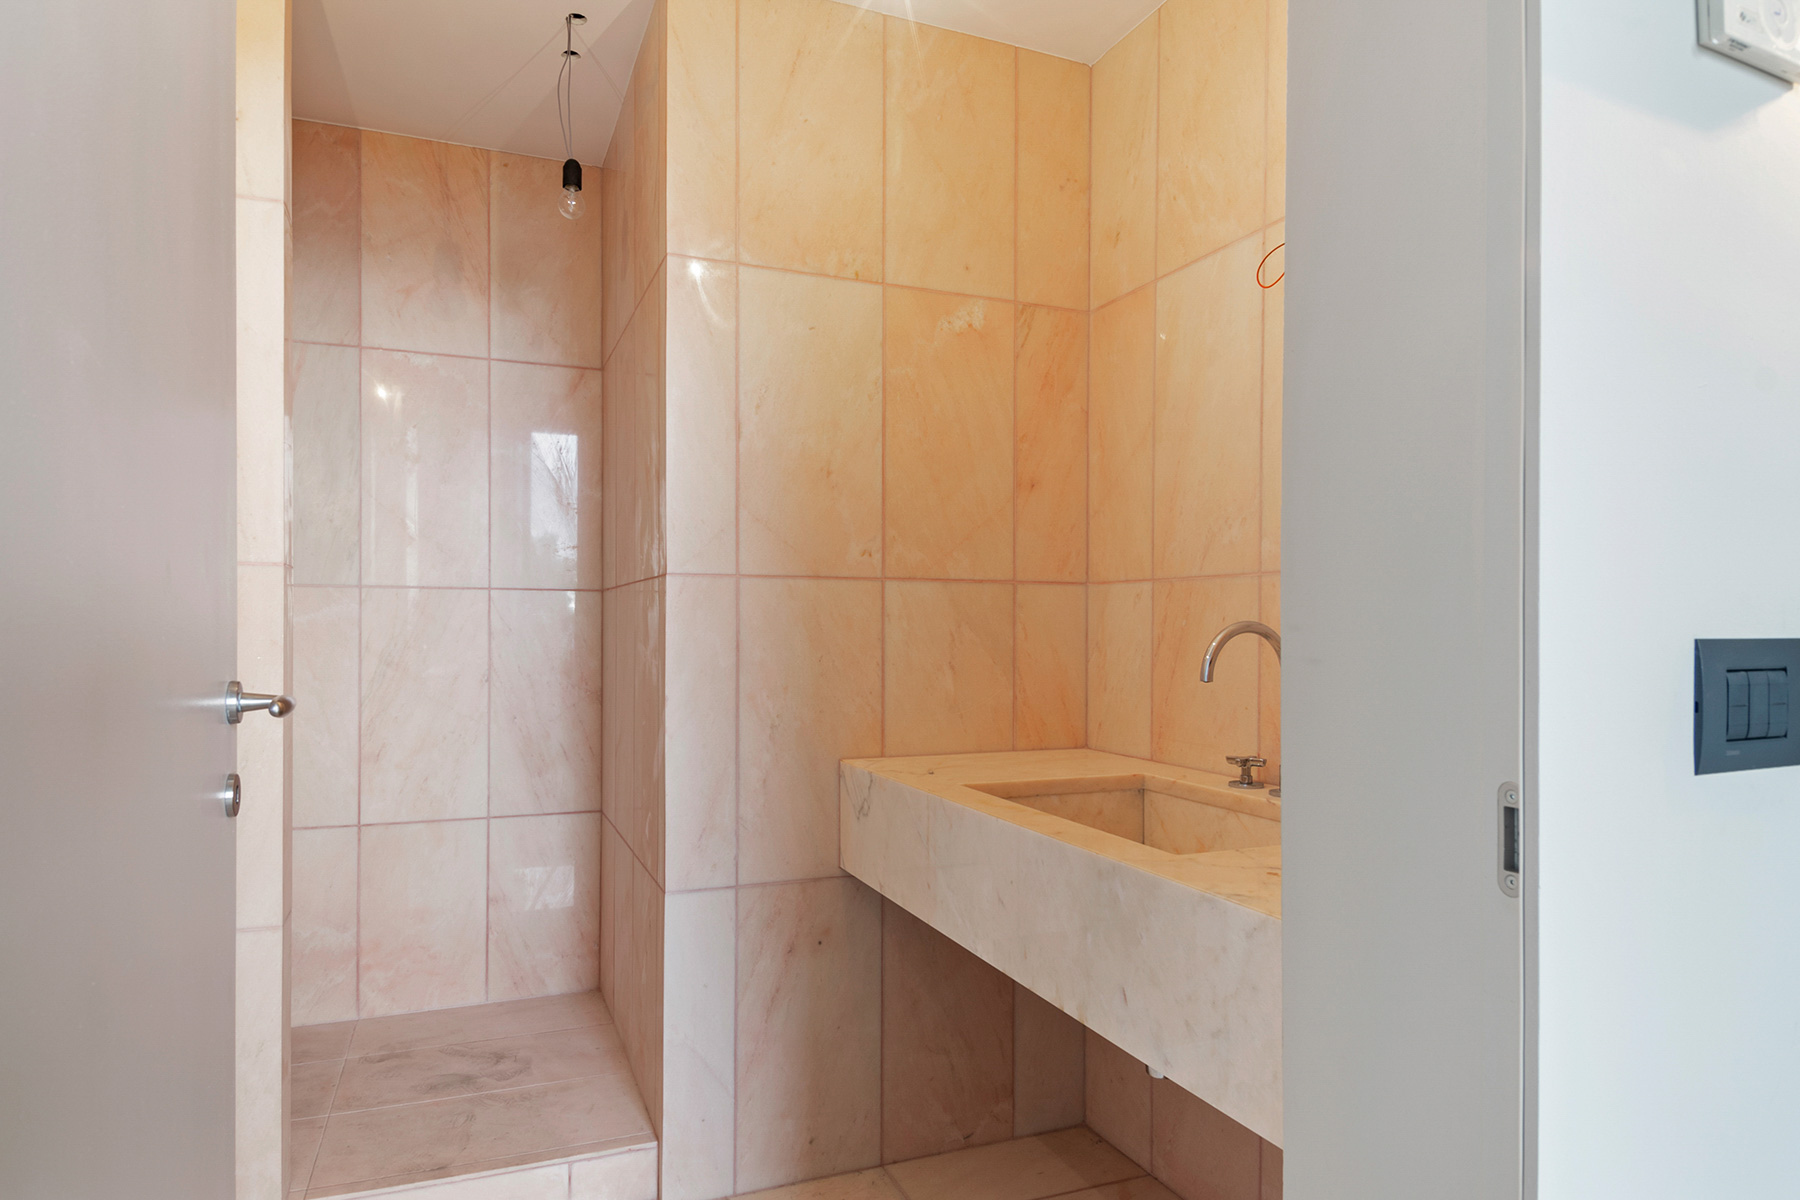 Appartamento in Vendita a Santa Margherita Ligure: 5 locali, 150 mq - Foto 11